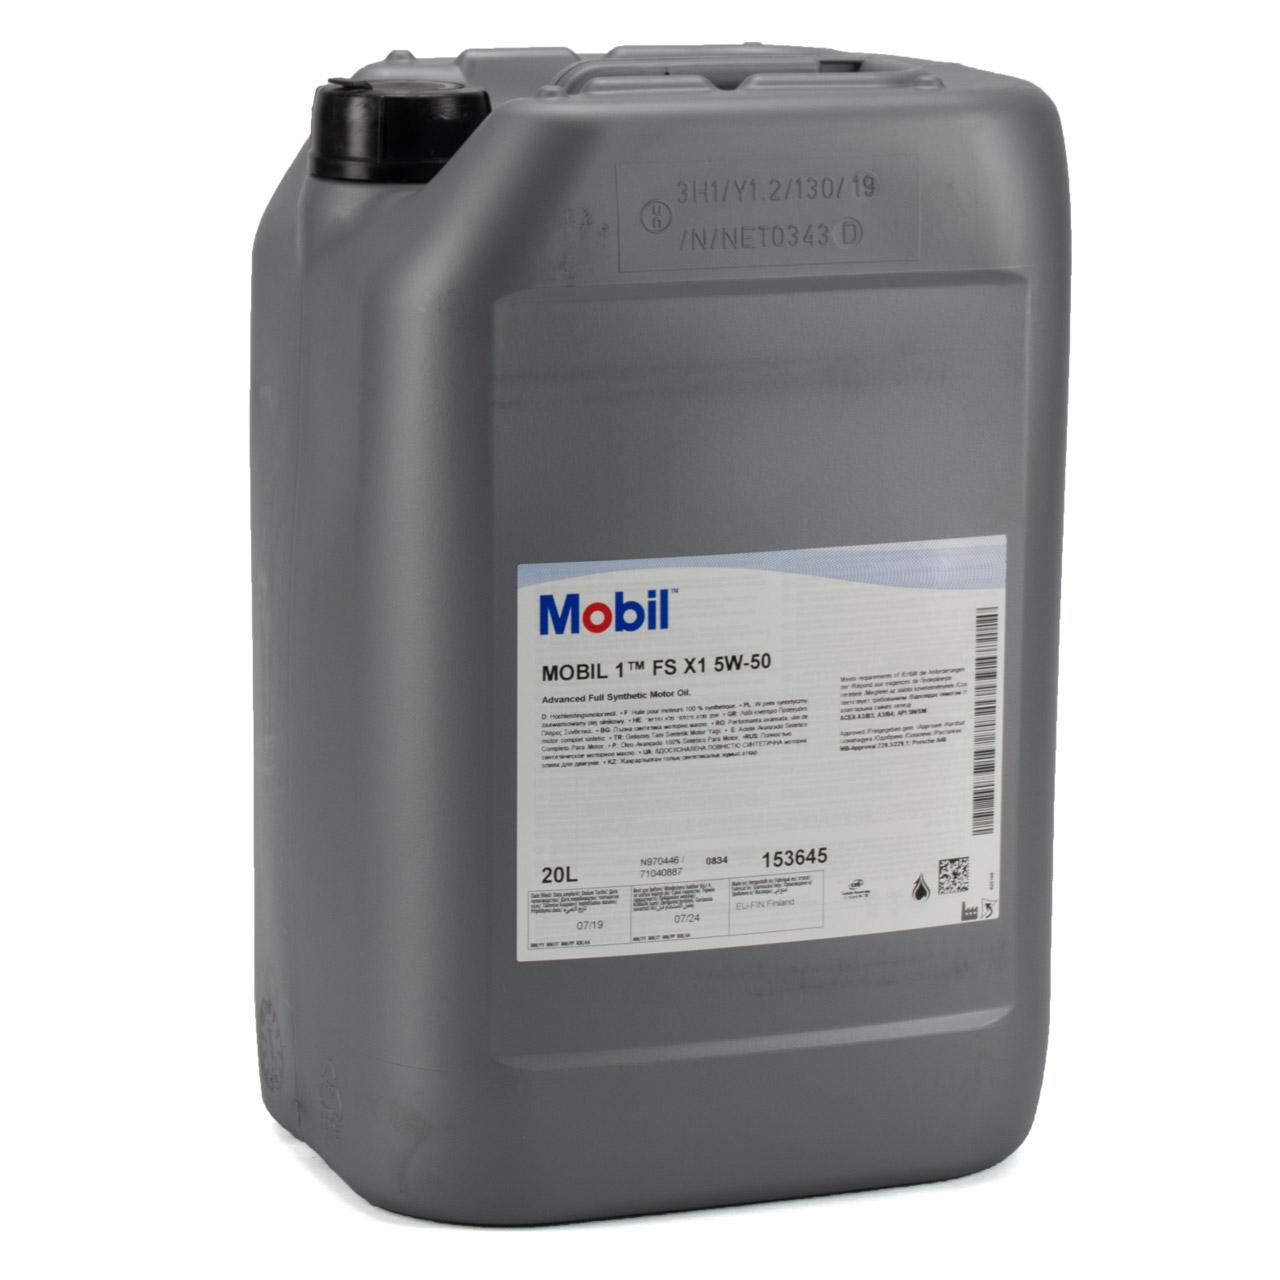 Mobil 1 FS X1 Motoröl Öl 5W-50 5W50 PORSCHE A40 MB 229.3 / 229.1 - 20L 20 Liter